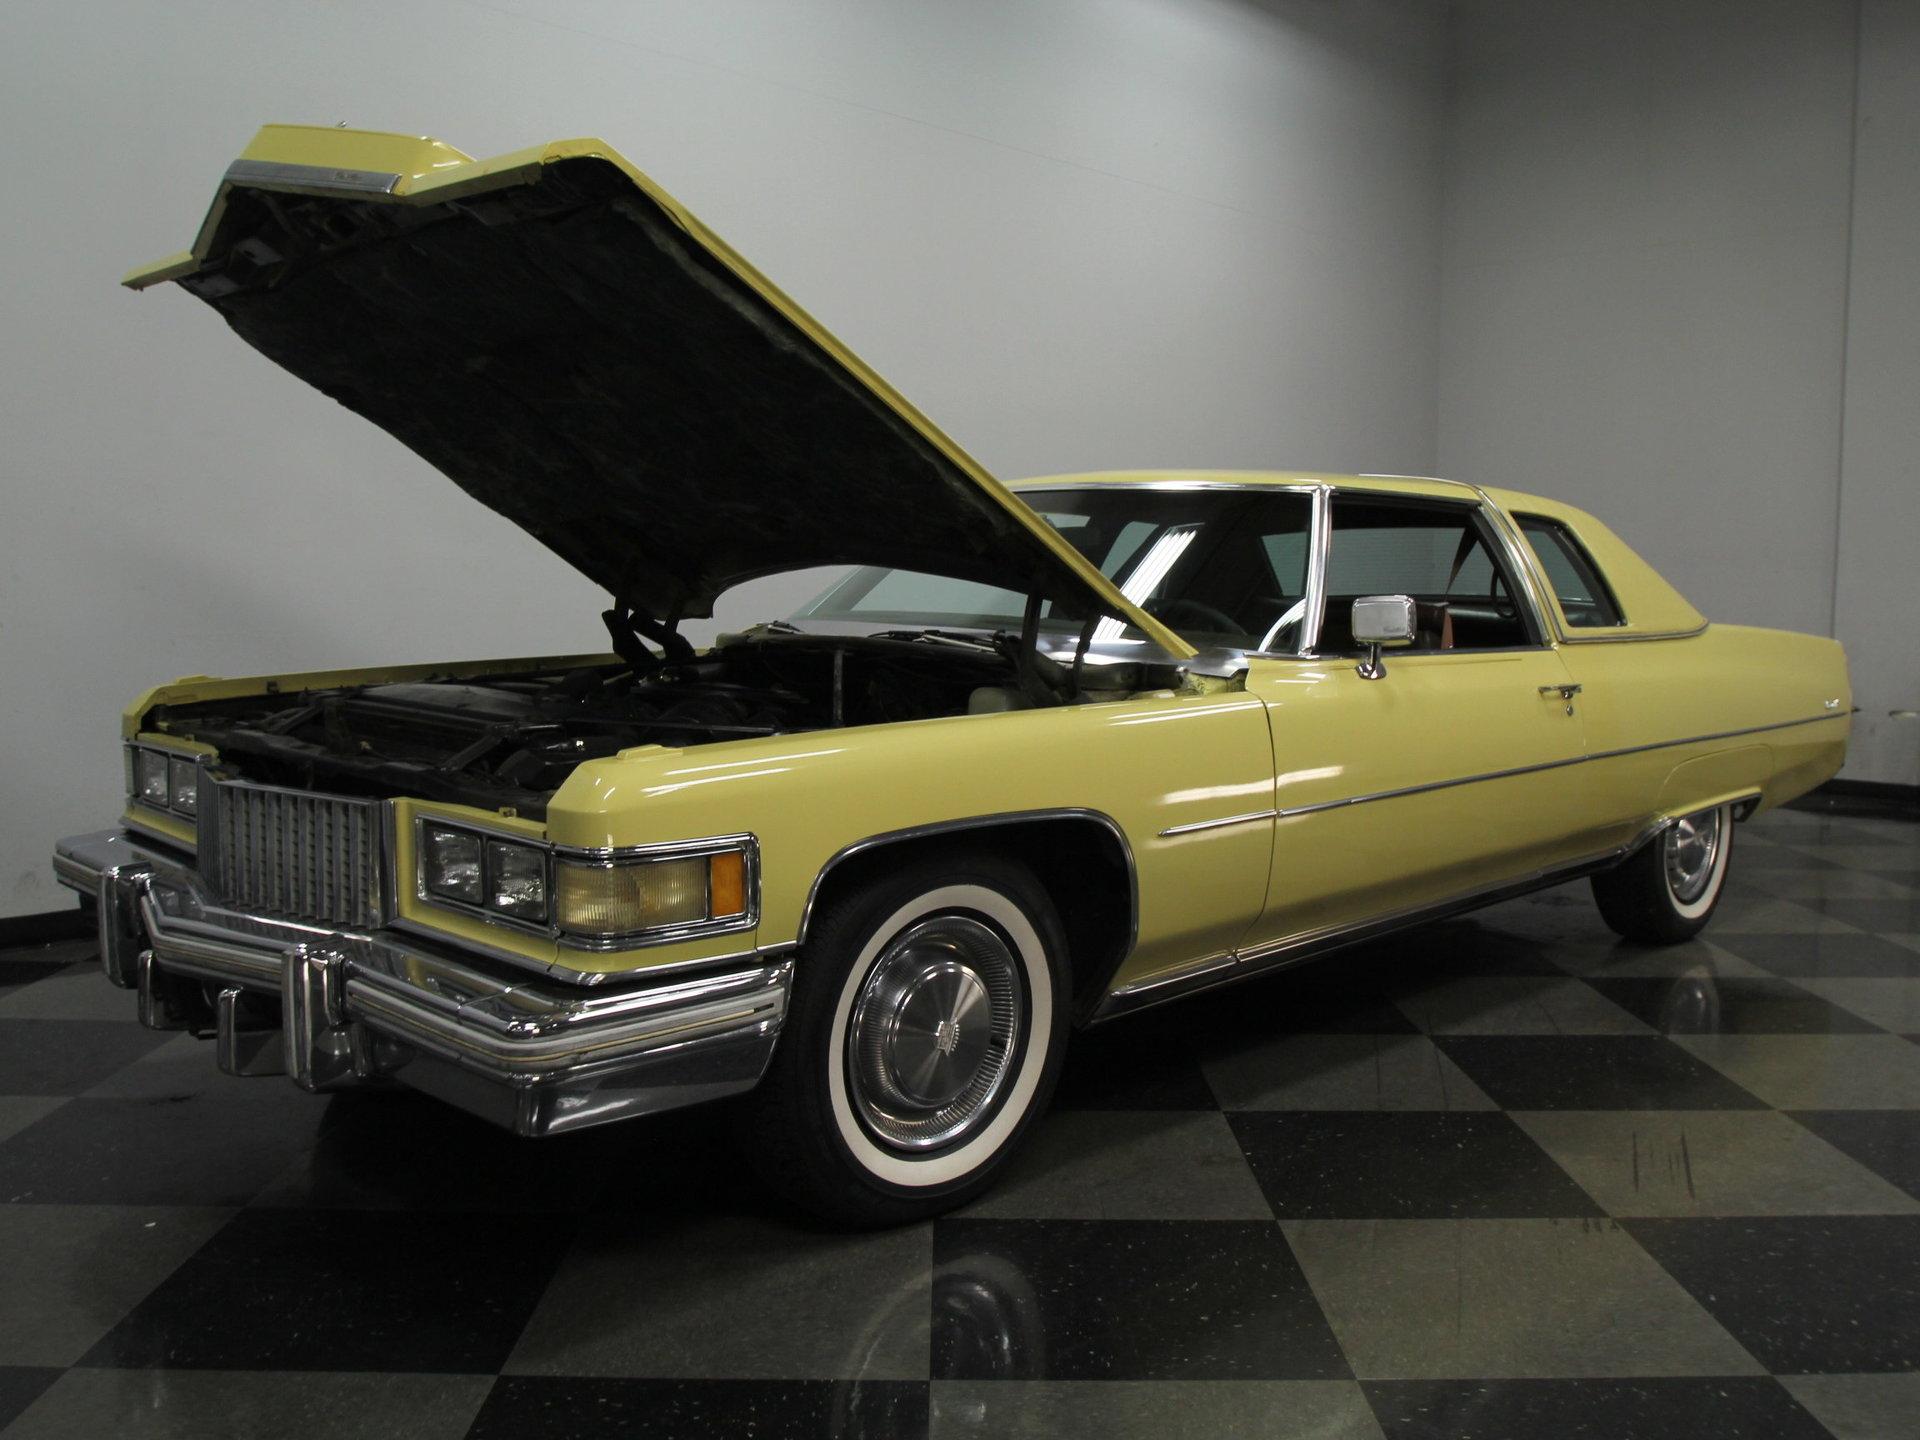 Dallas Auto Sales >> 1975 Cadillac Coupe DeVille | Streetside Classics - The ...